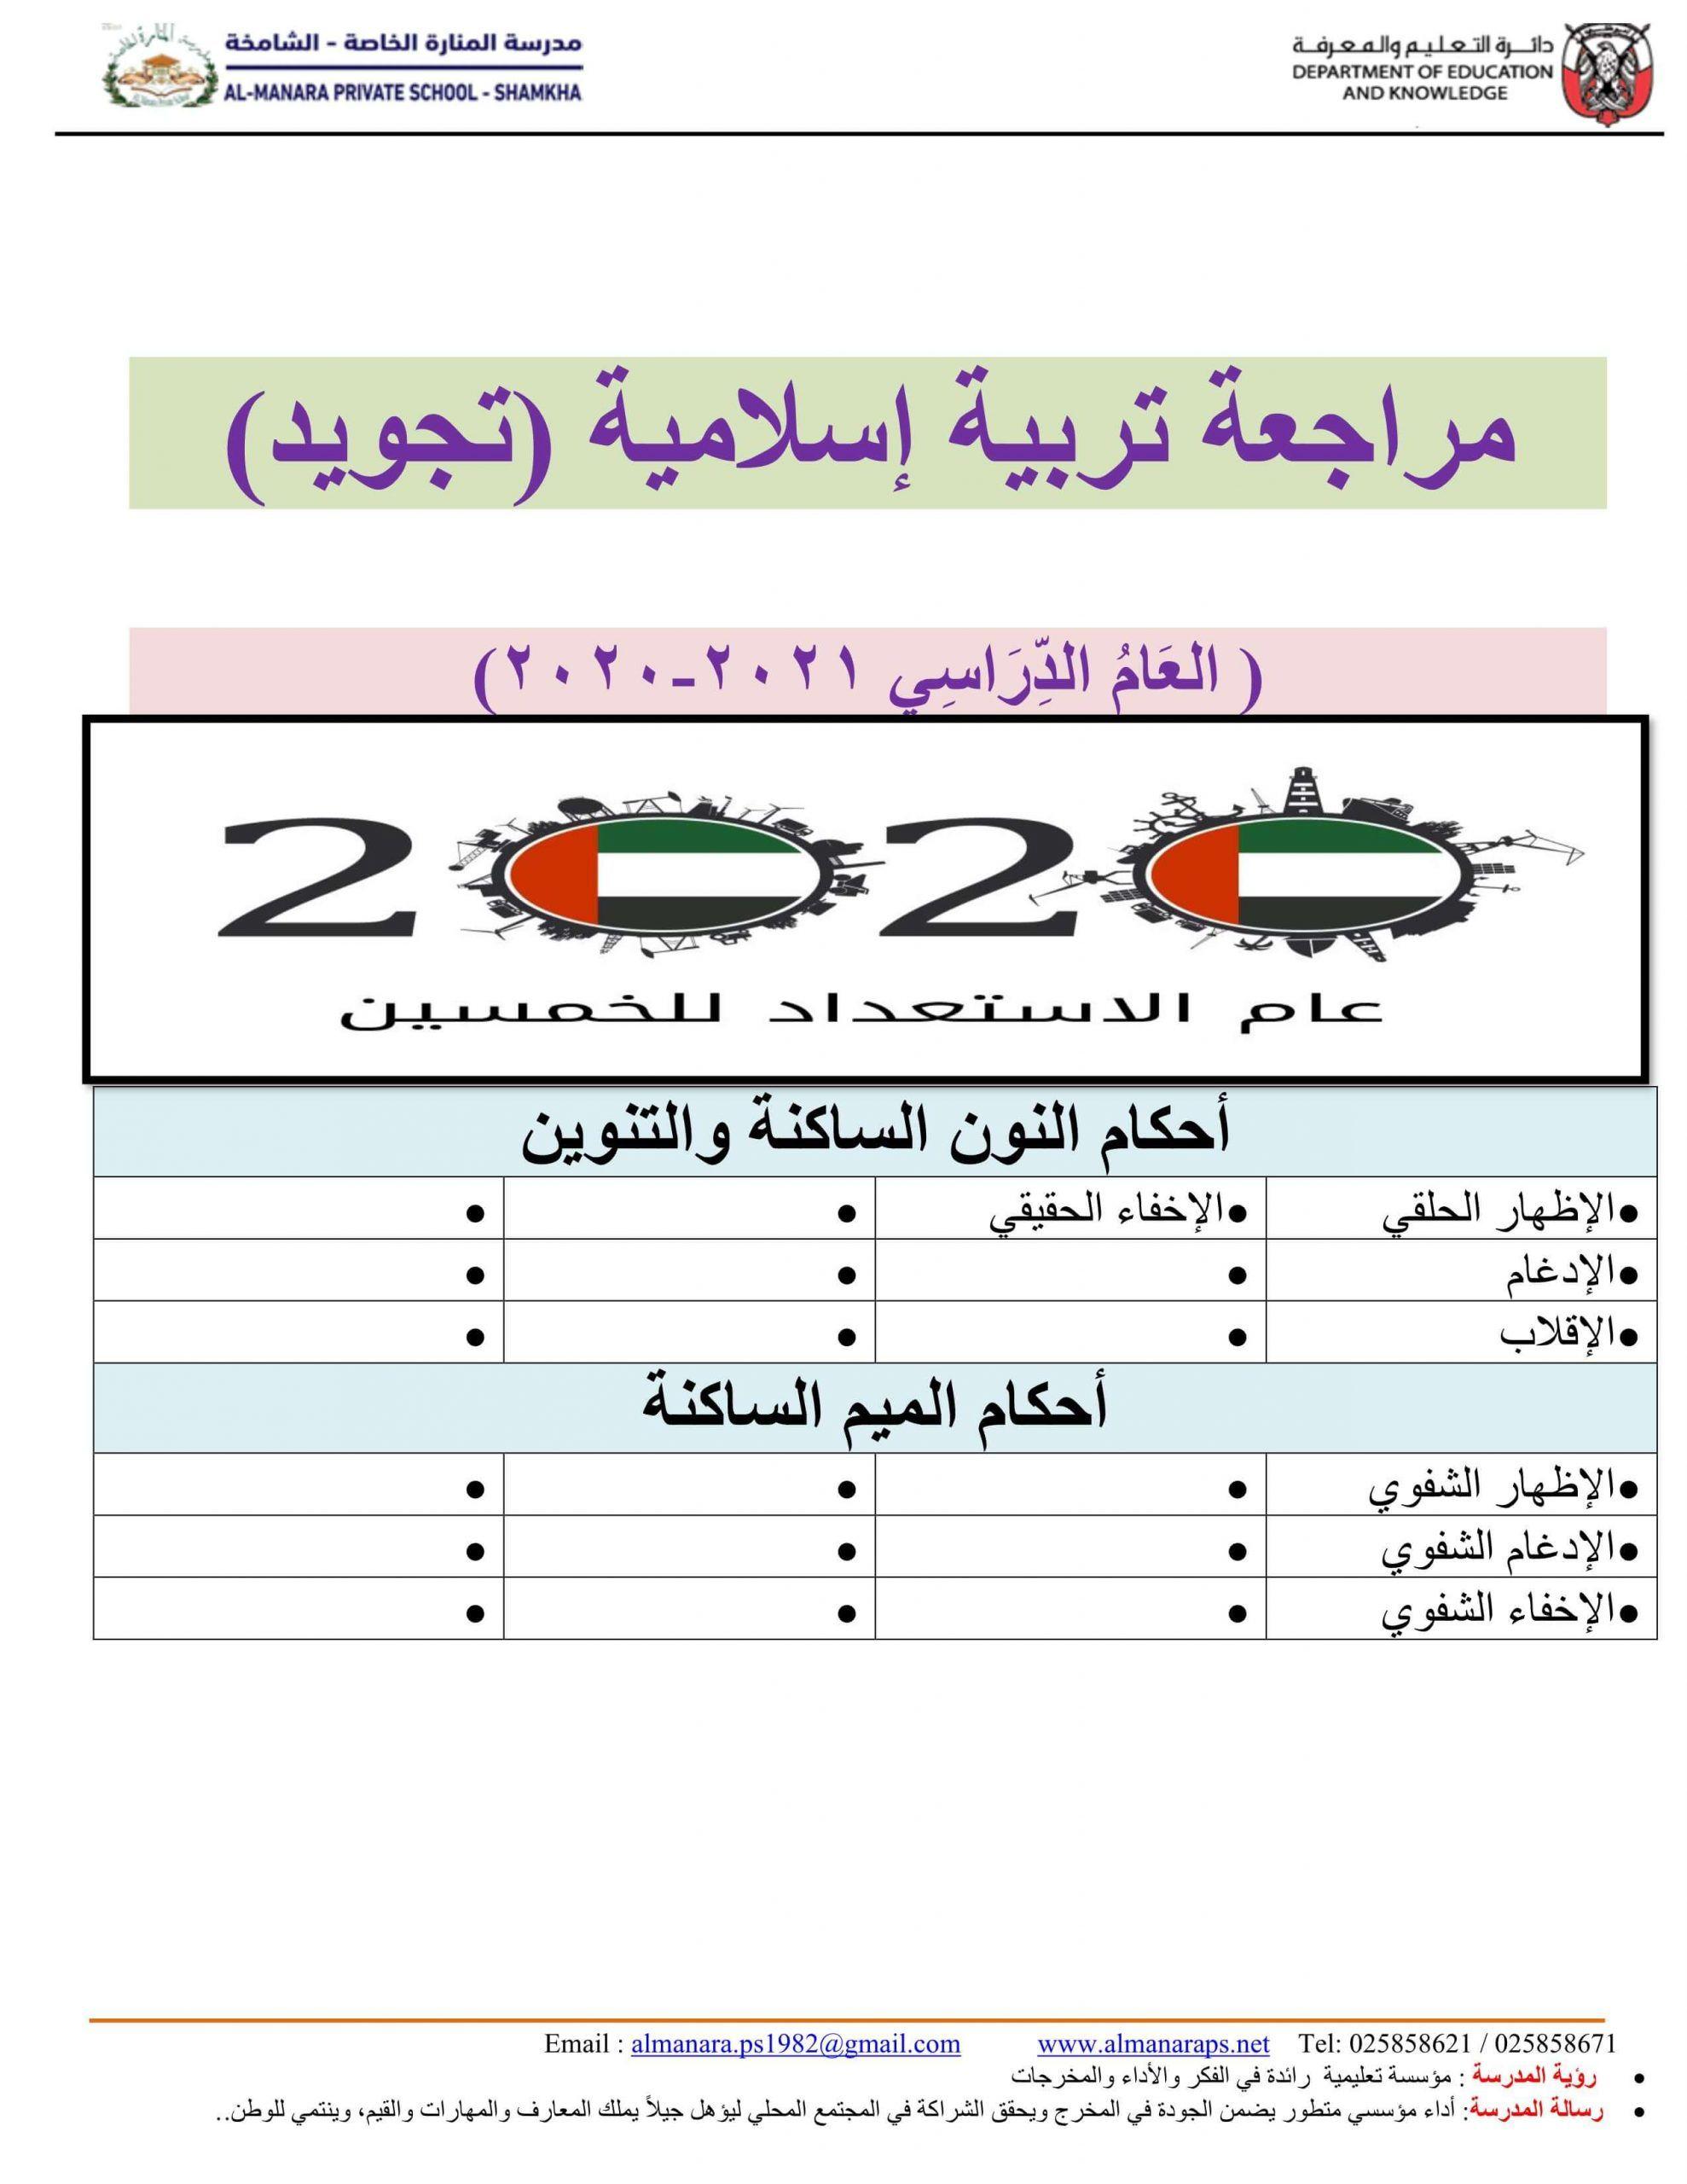 مراجعة عامة أحكام التجويد الصف السابع مادة التربية الاسلامية Private School School Knowledge